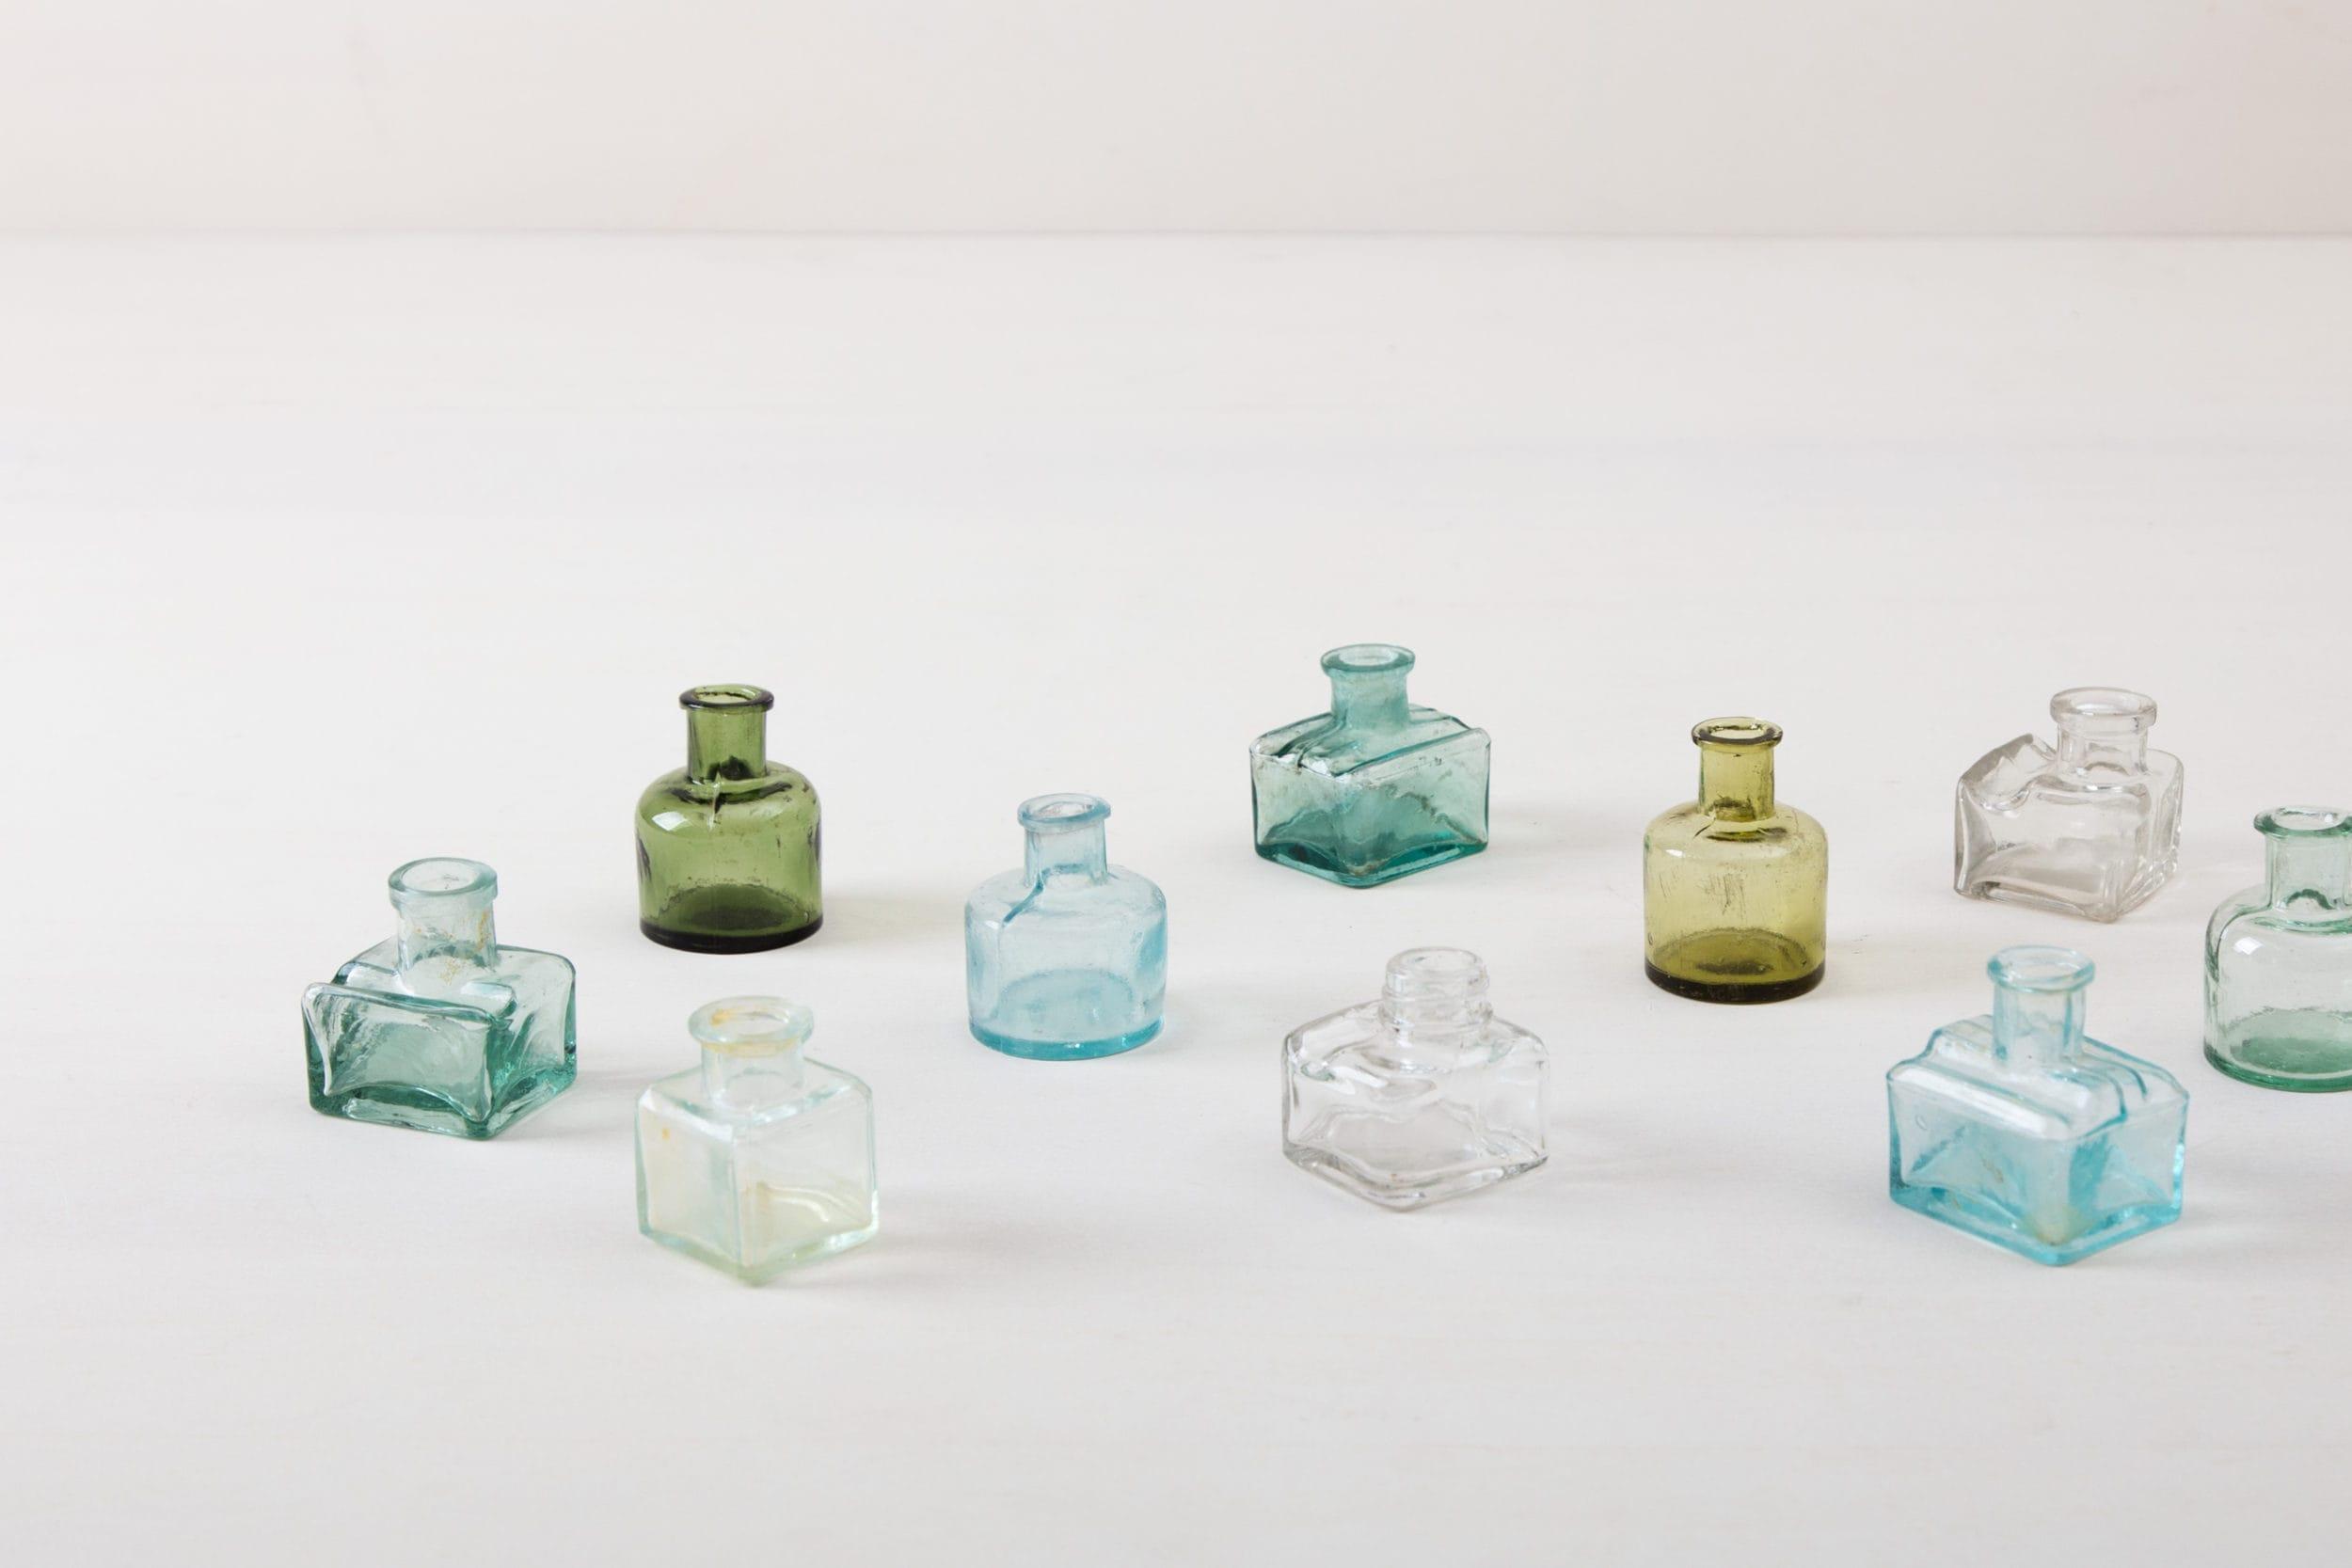 Glasflaschen Tala sind seltene vintage Glasfläschchen in verschiedenen Farben